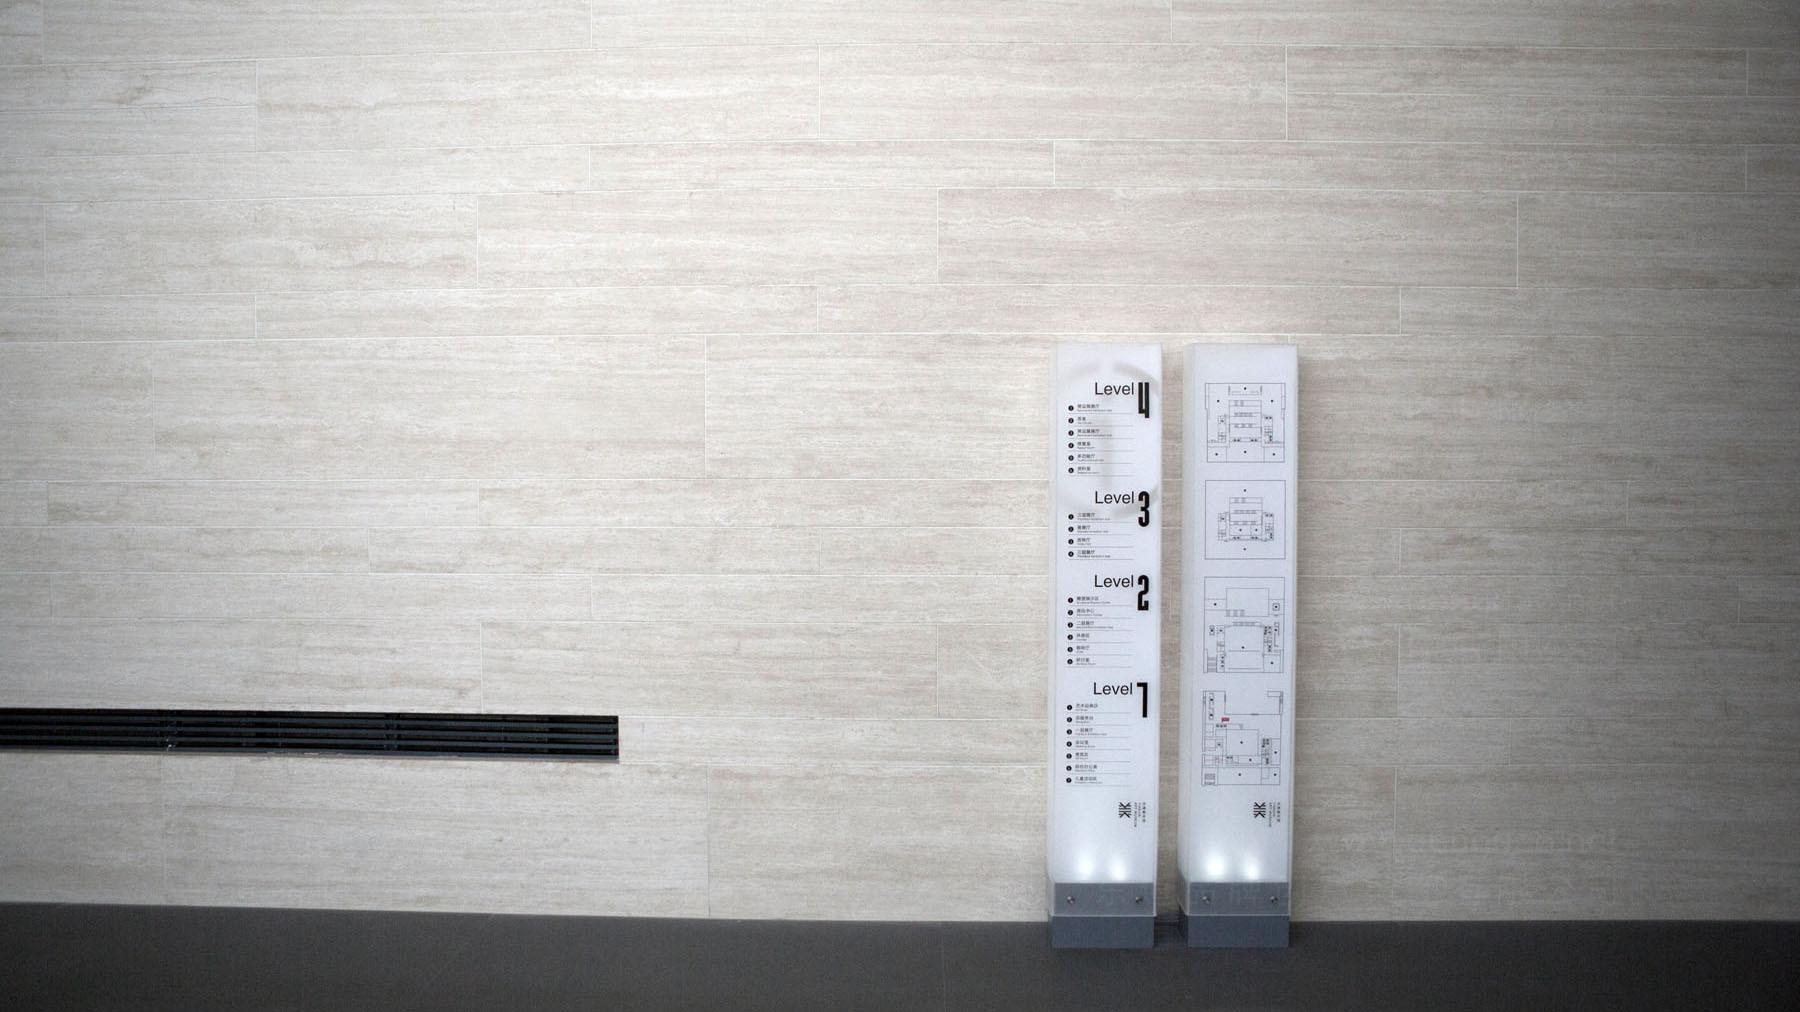 落地工程天津美术馆展览展示空间制作应用场景_3